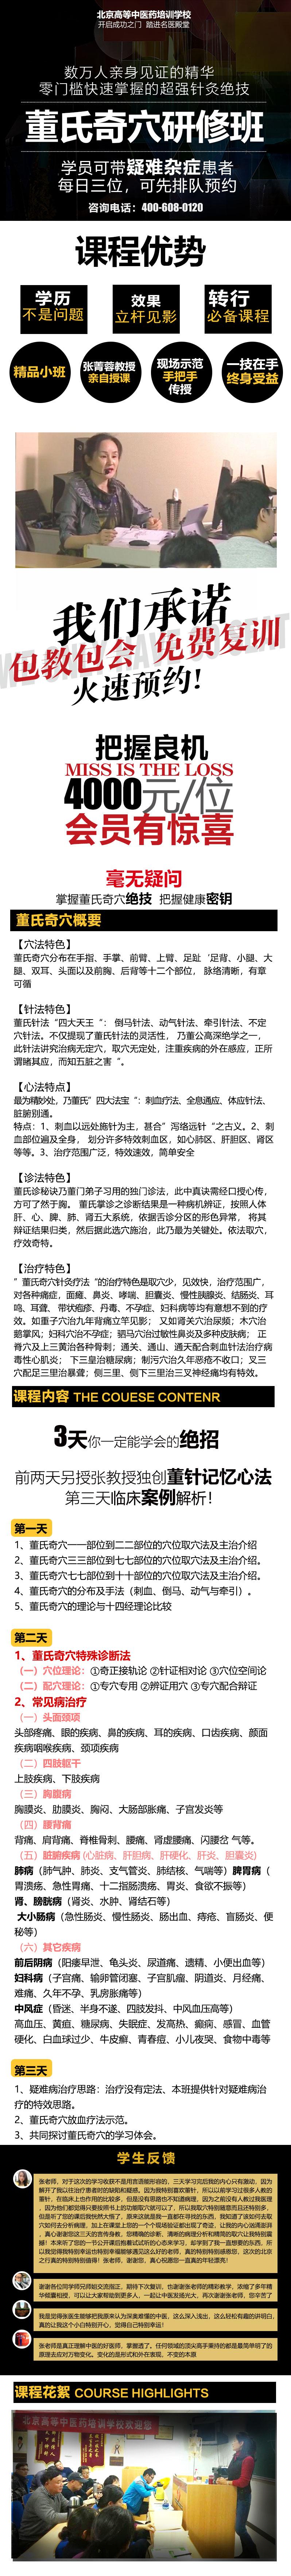 2018-5-16全部课程张菁蓉董氏奇穴研修班.jpg